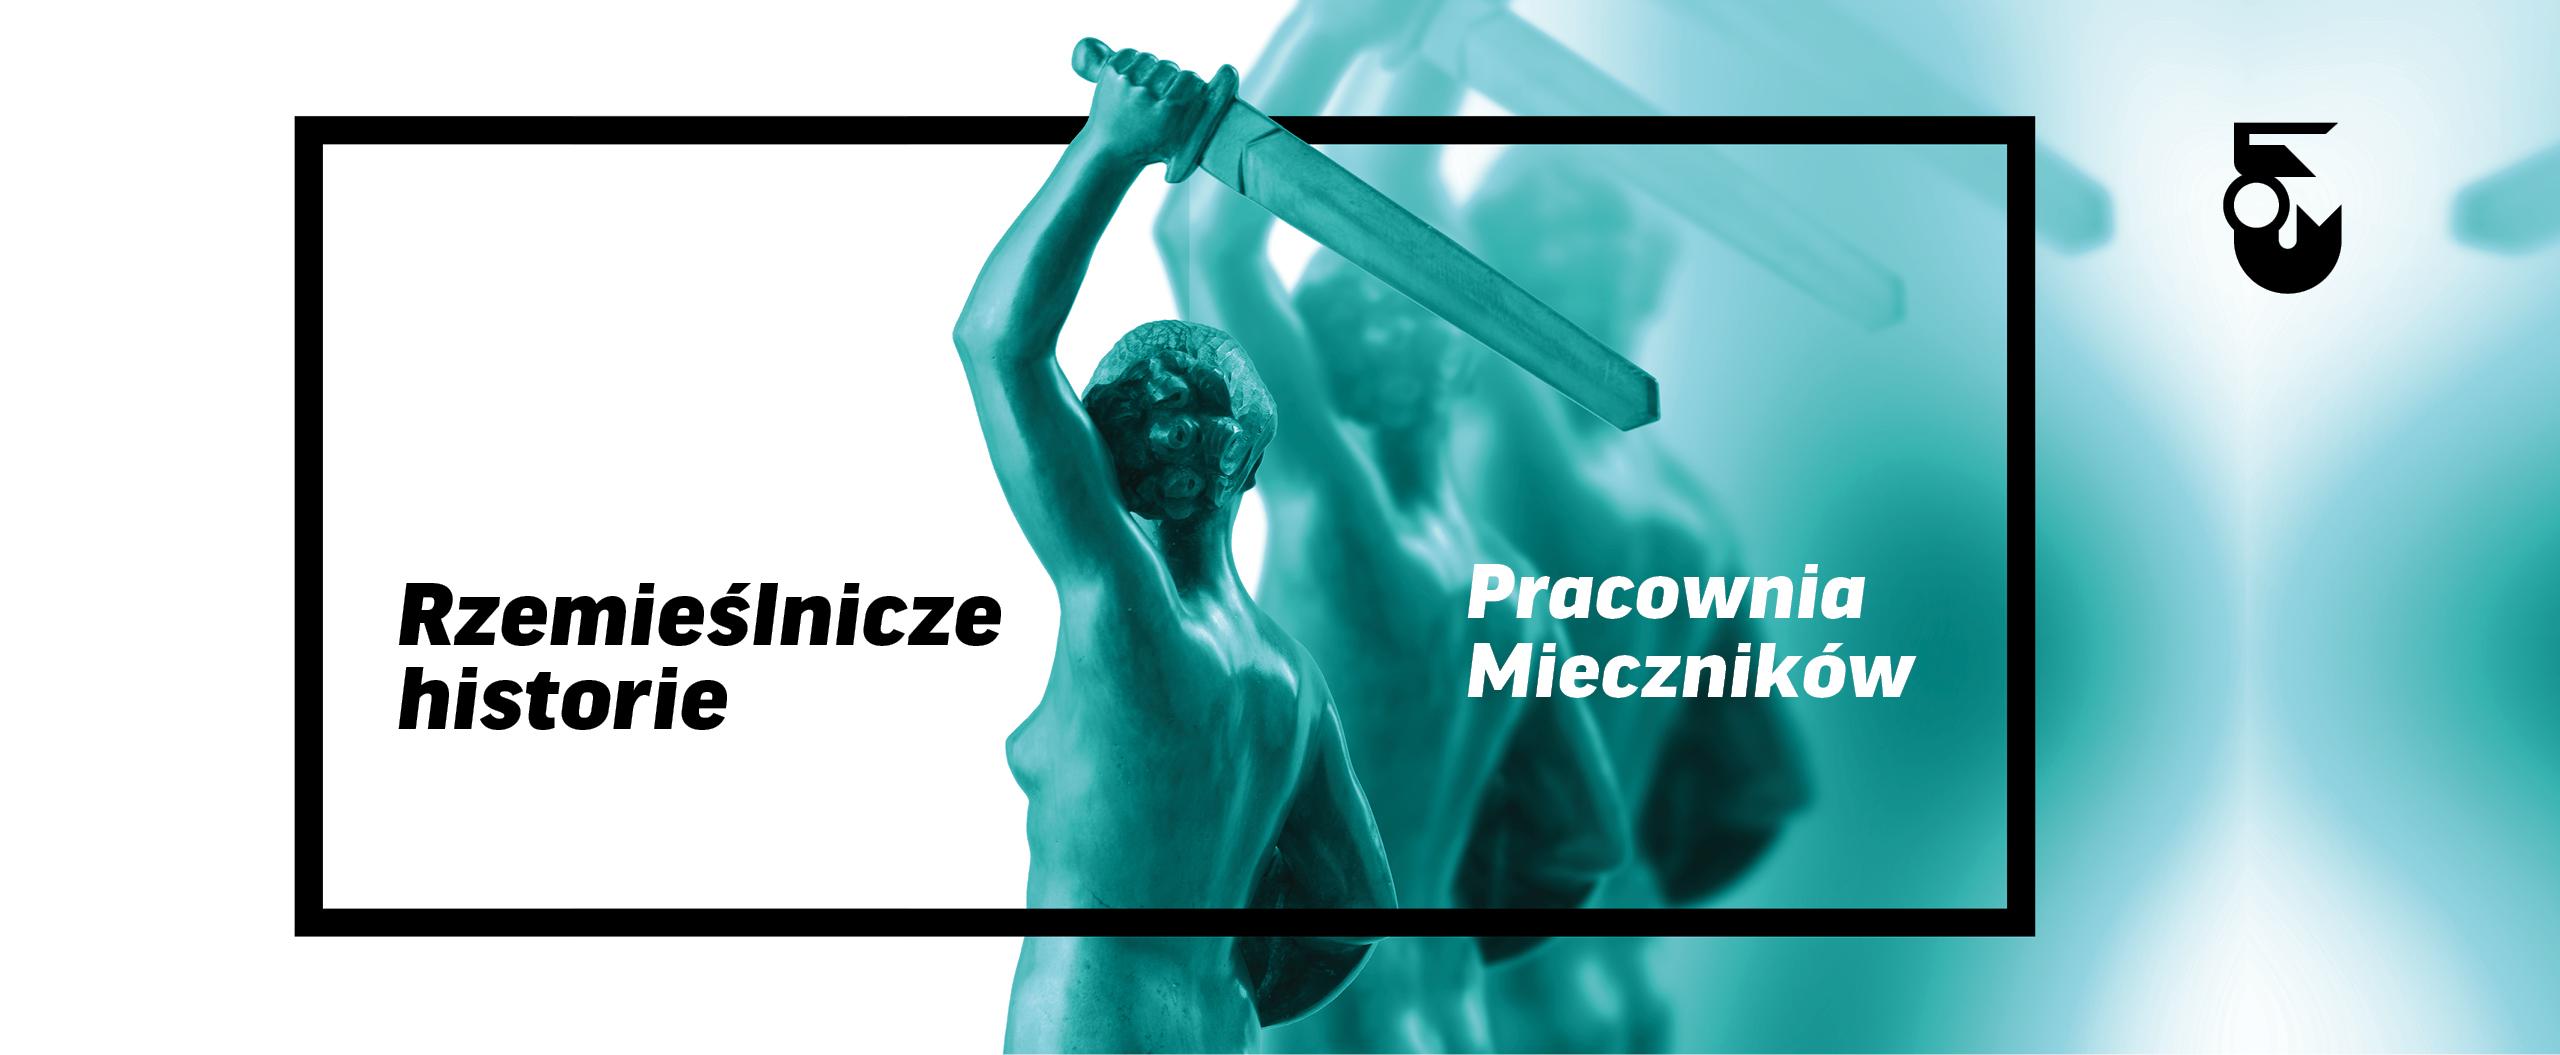 4_miecznik_www_syrenka.jpg